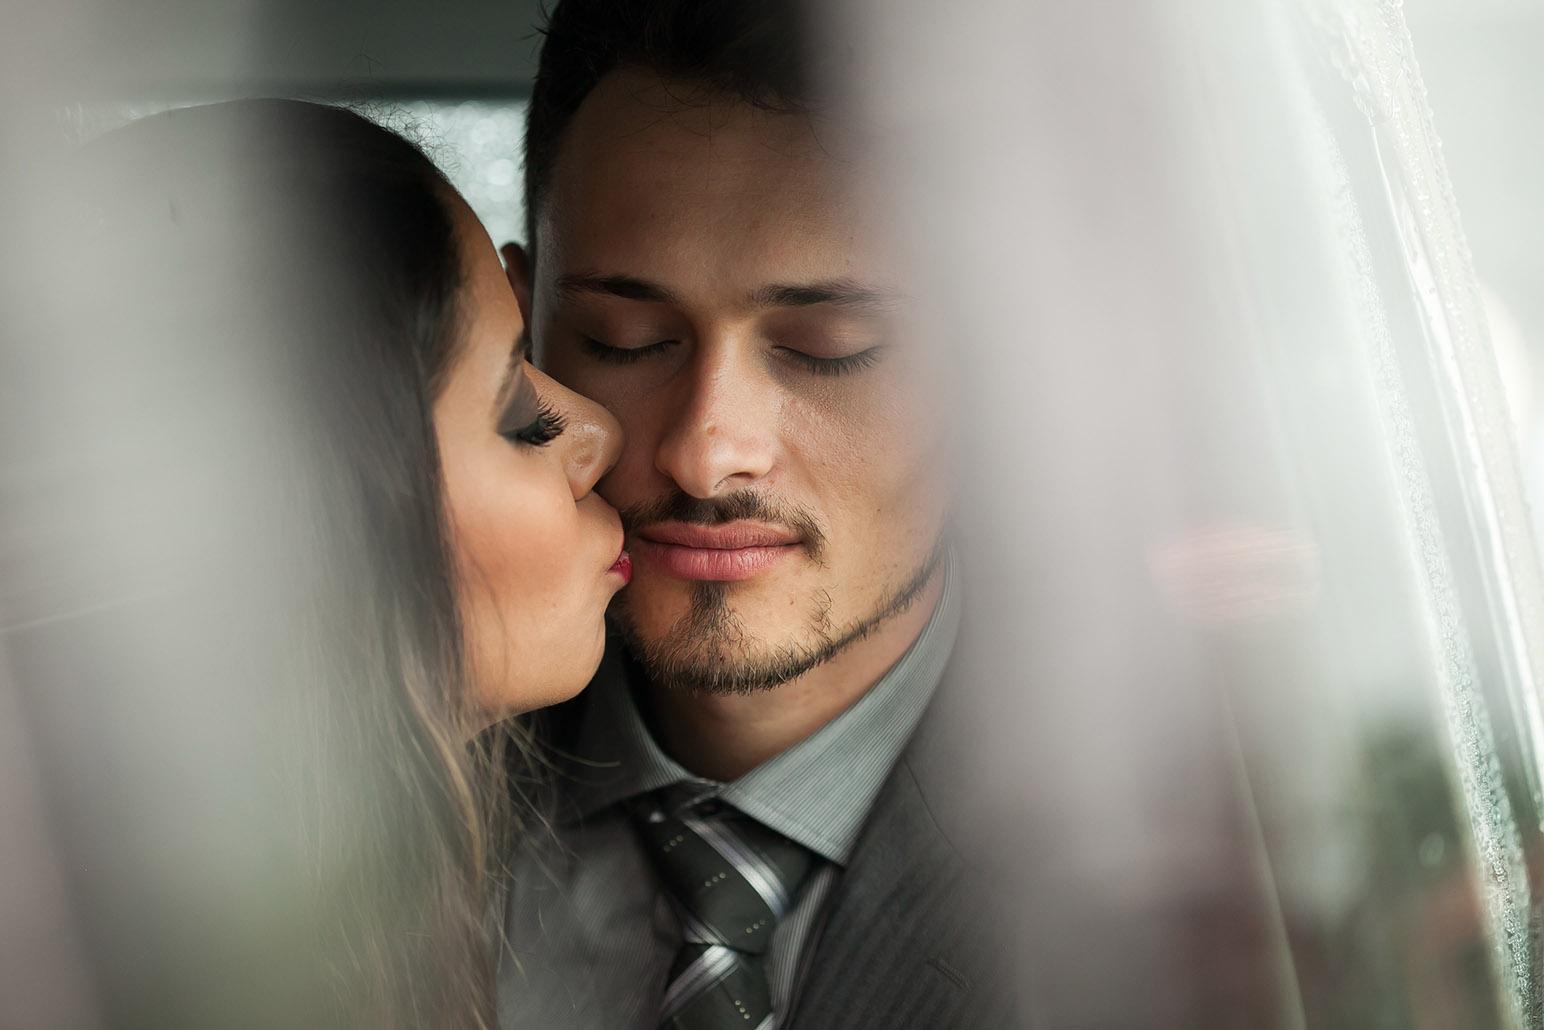 Fotografo de casamento, Foto de Casamento em Curitiba, Agnaldo Teixeira Fotografo, Wedding, Pre Wedding com Carros Antigos, Book de Casal com CArros antigos, Phoenix Studio,